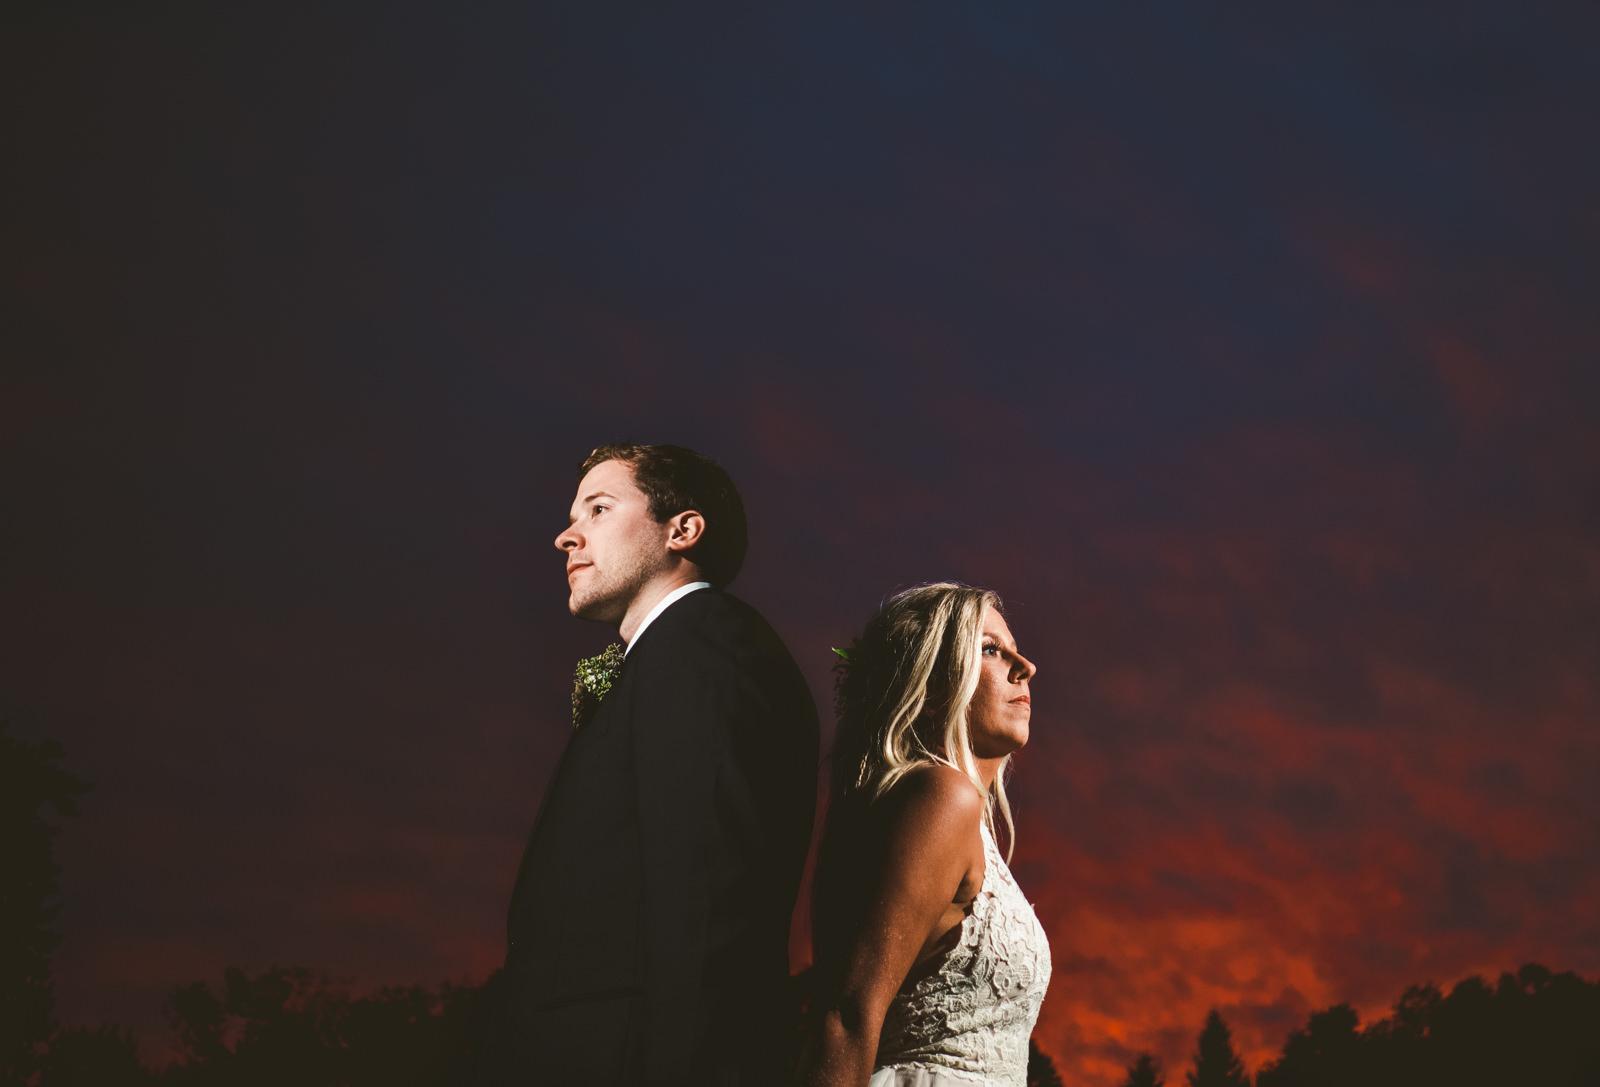 Cleveland Ohio Wedding Photographers at Gervasi Vineyard for Wedding with Toledo Couple at Sunset